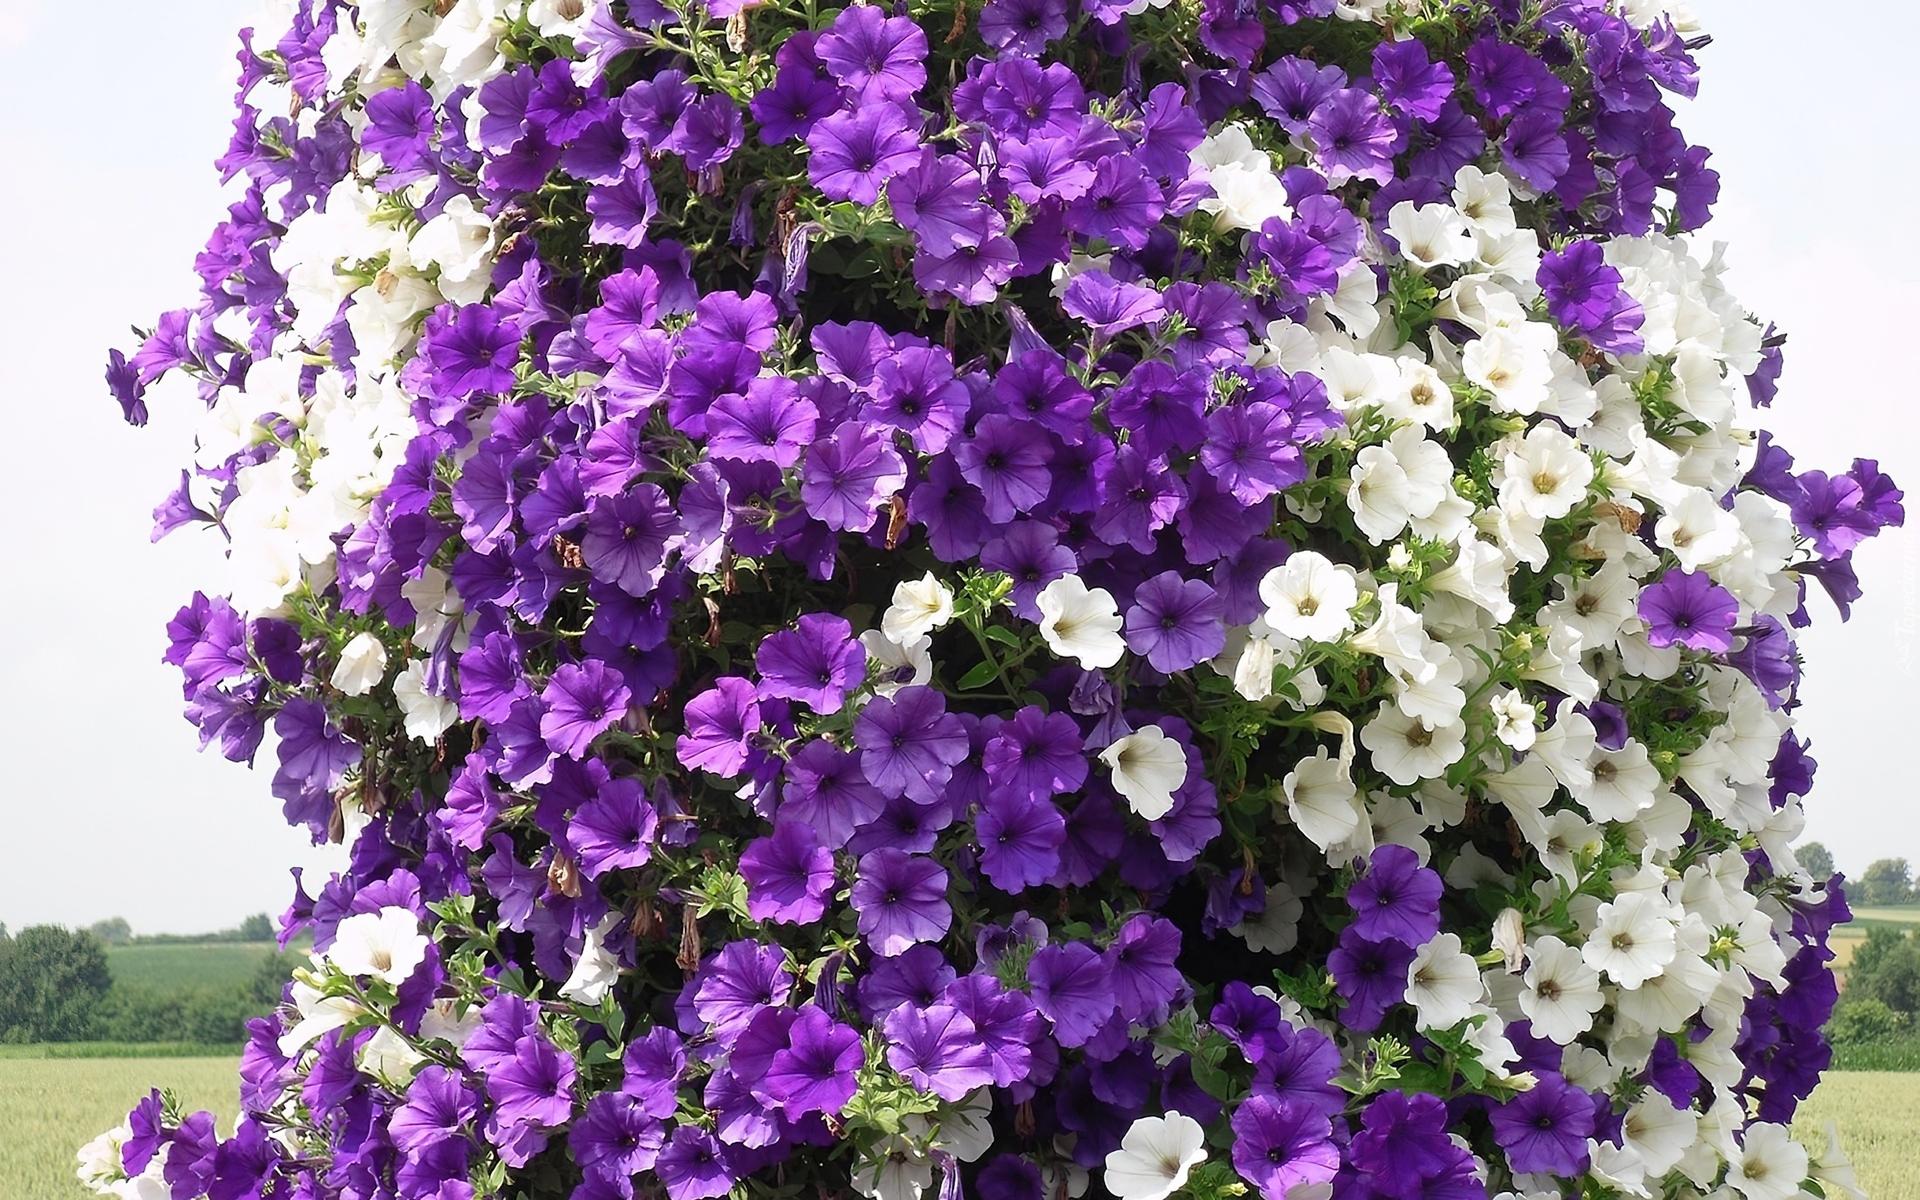 Flores Blancas Png 800 600: Fioletowe, Białe, Petunie